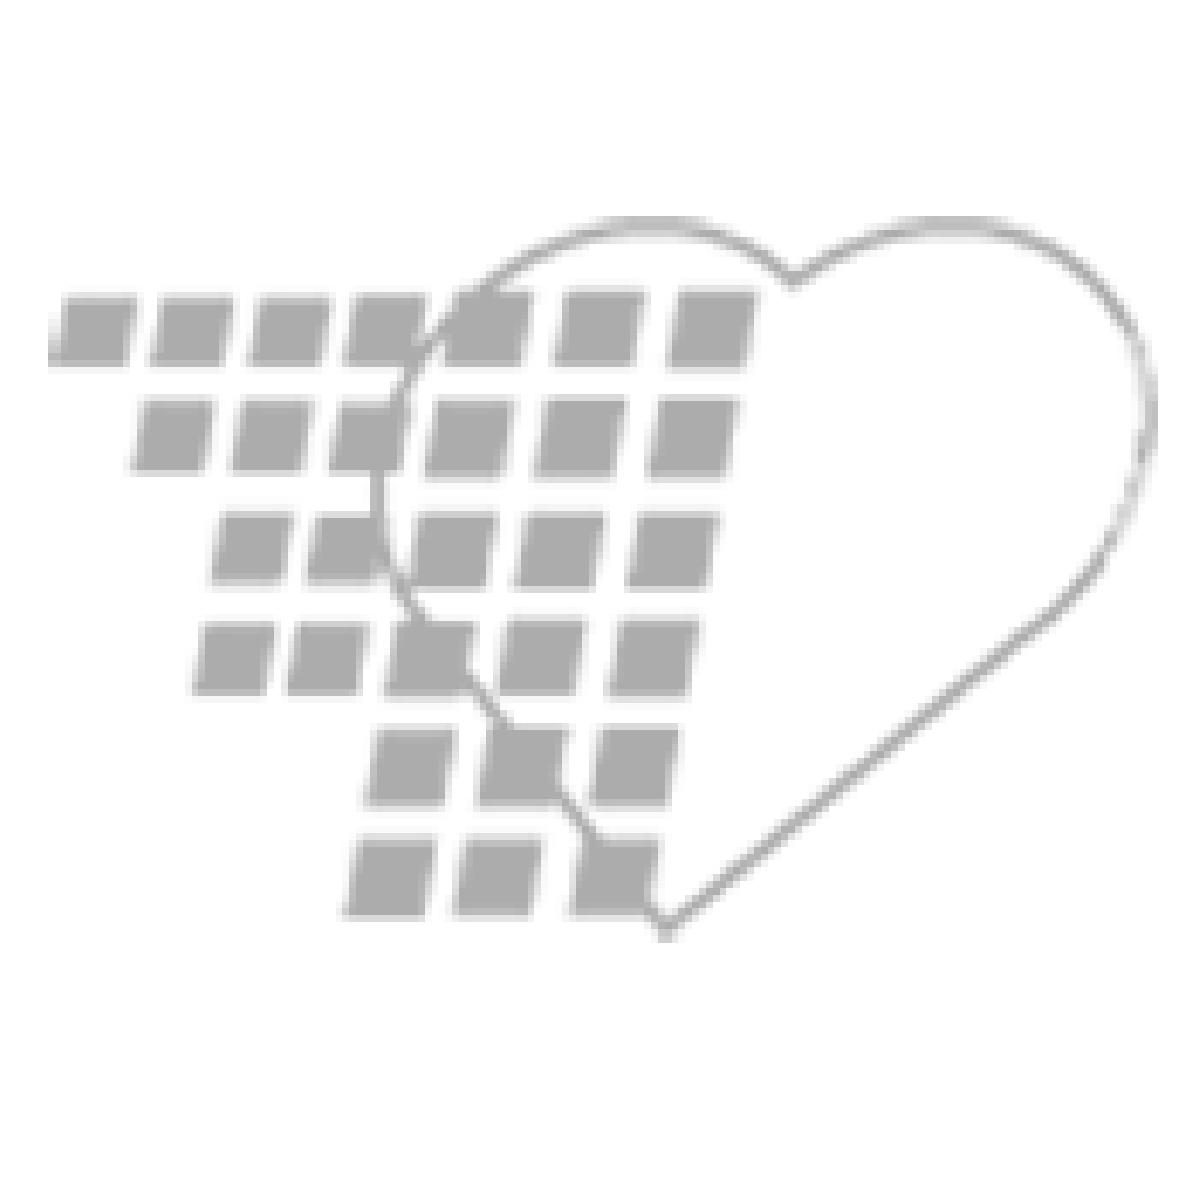 05-84-3039 Flannel Baby Blanket 30 x 40 Inch White